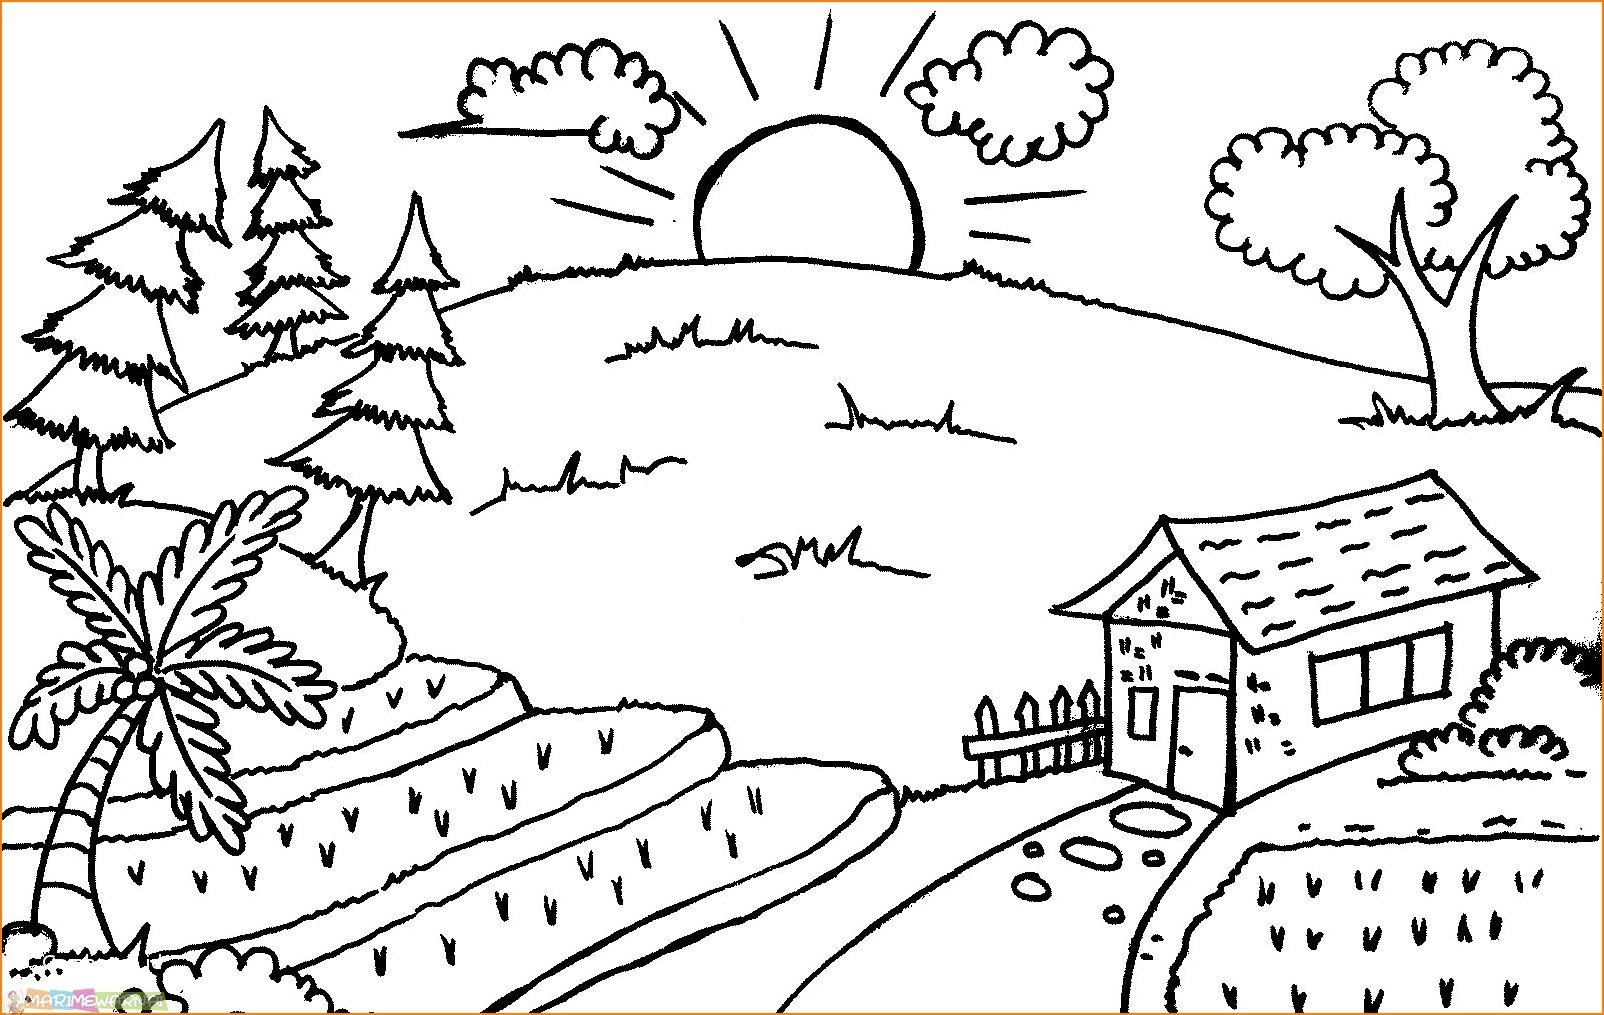 Gambar Sketsa Pemandangan Gunung Dan Rumah